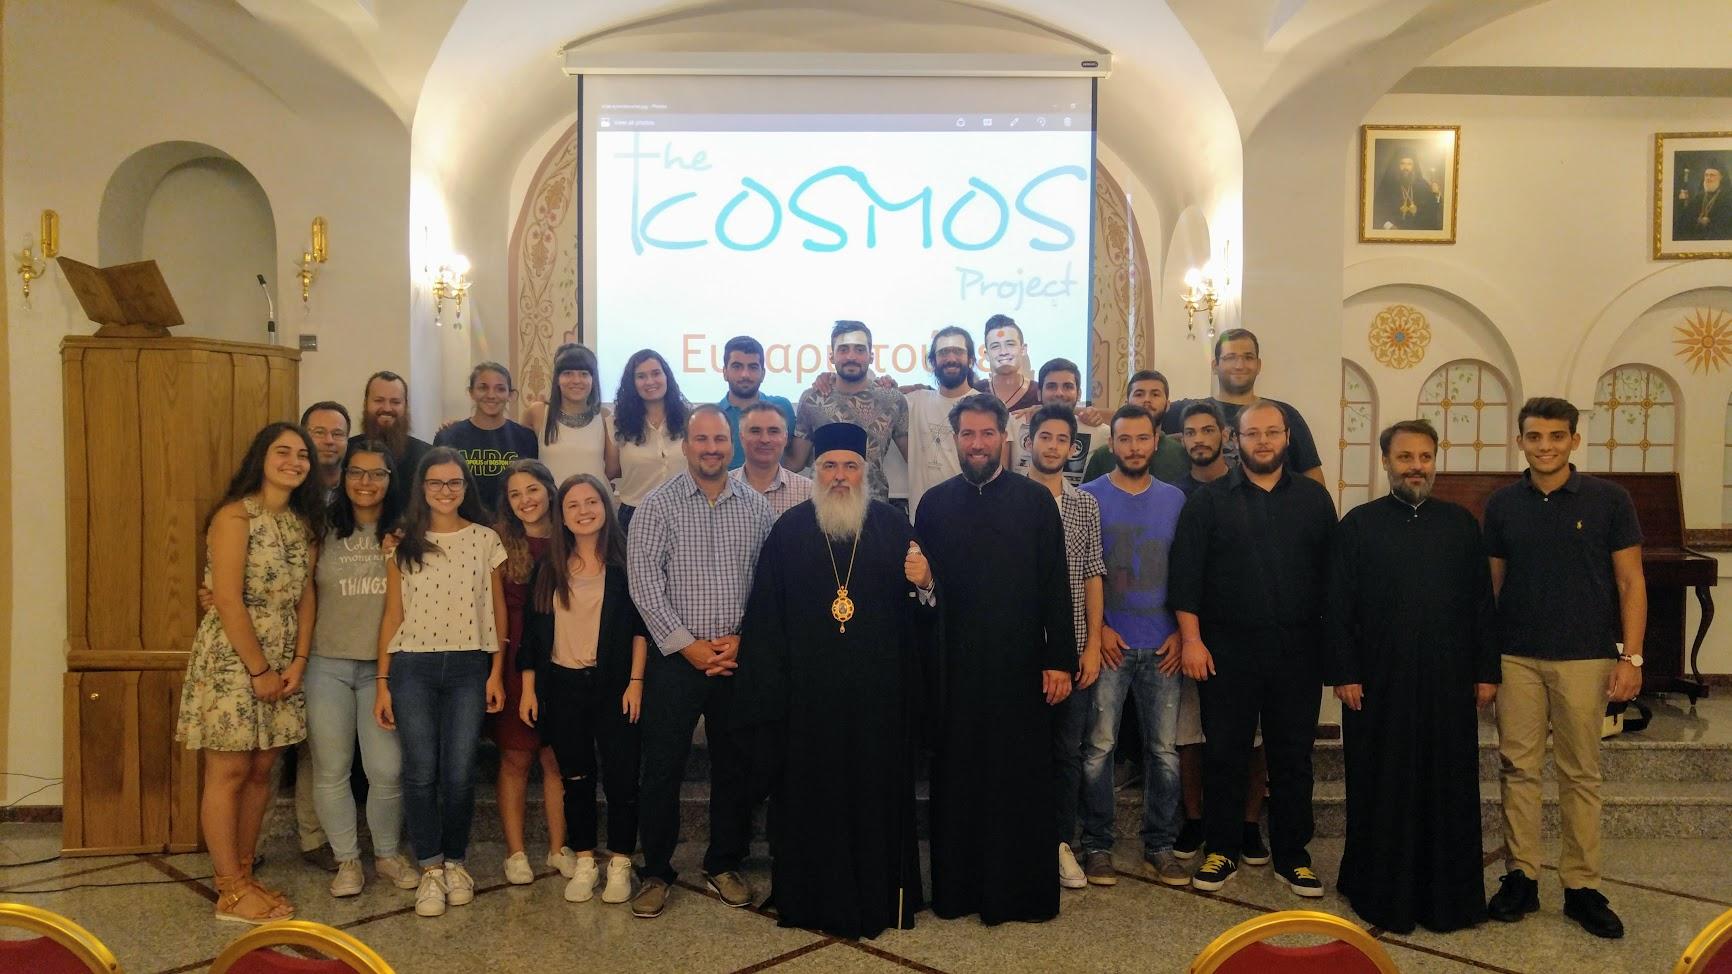 Συνάντηση των Συμμετεχόντων στο Πρόγραμμα KOSMOS με τον Σεβασμιώτατο